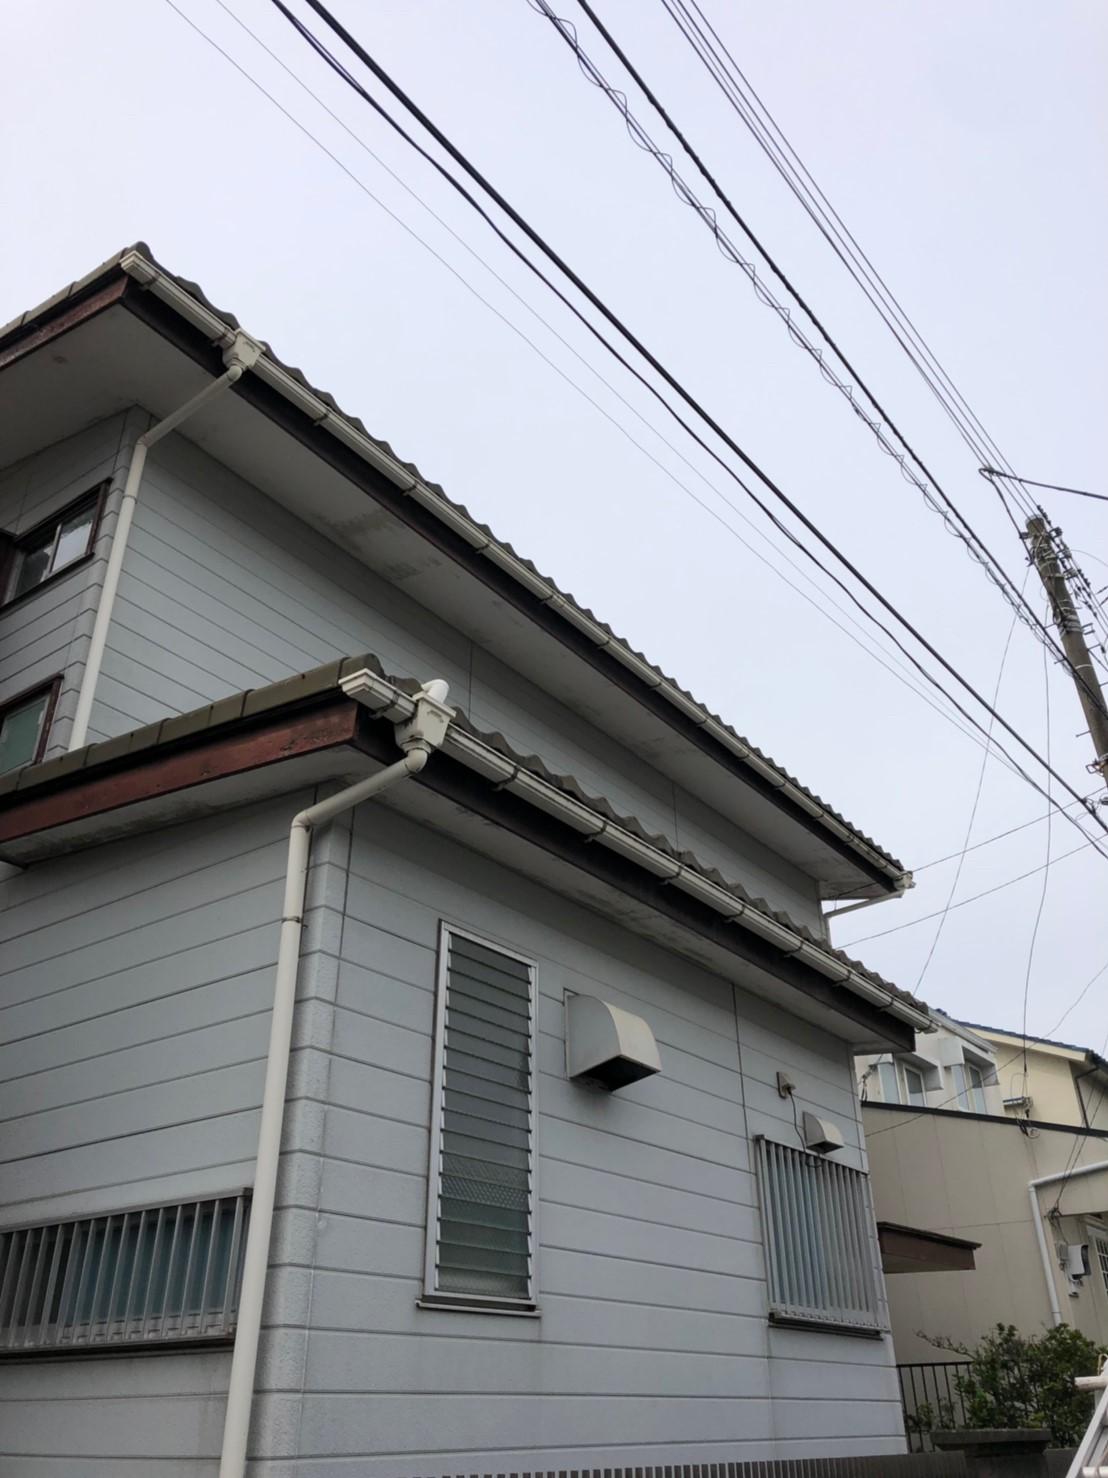 神奈川県横浜市で雨樋無料修理1